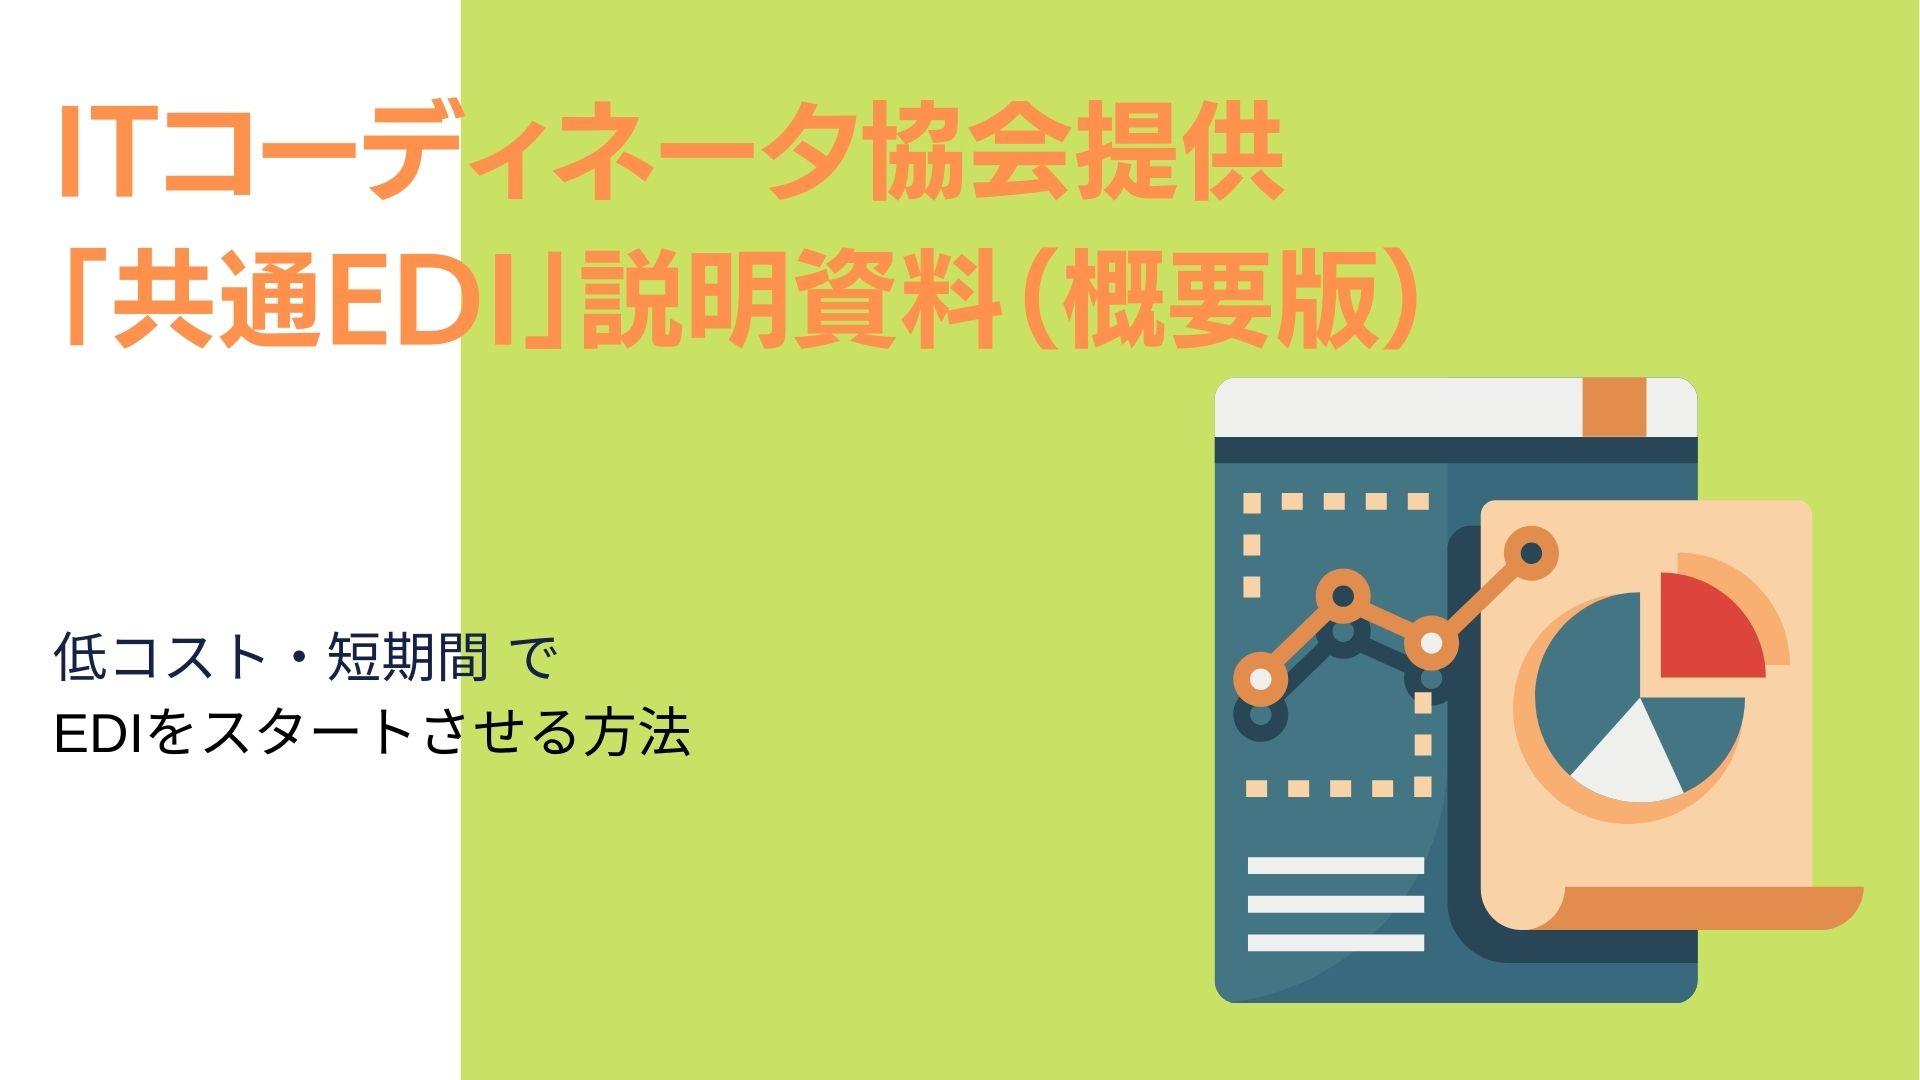 ITコーディネータ協会が作成・提供「共通EDIの説明資料(概要版)